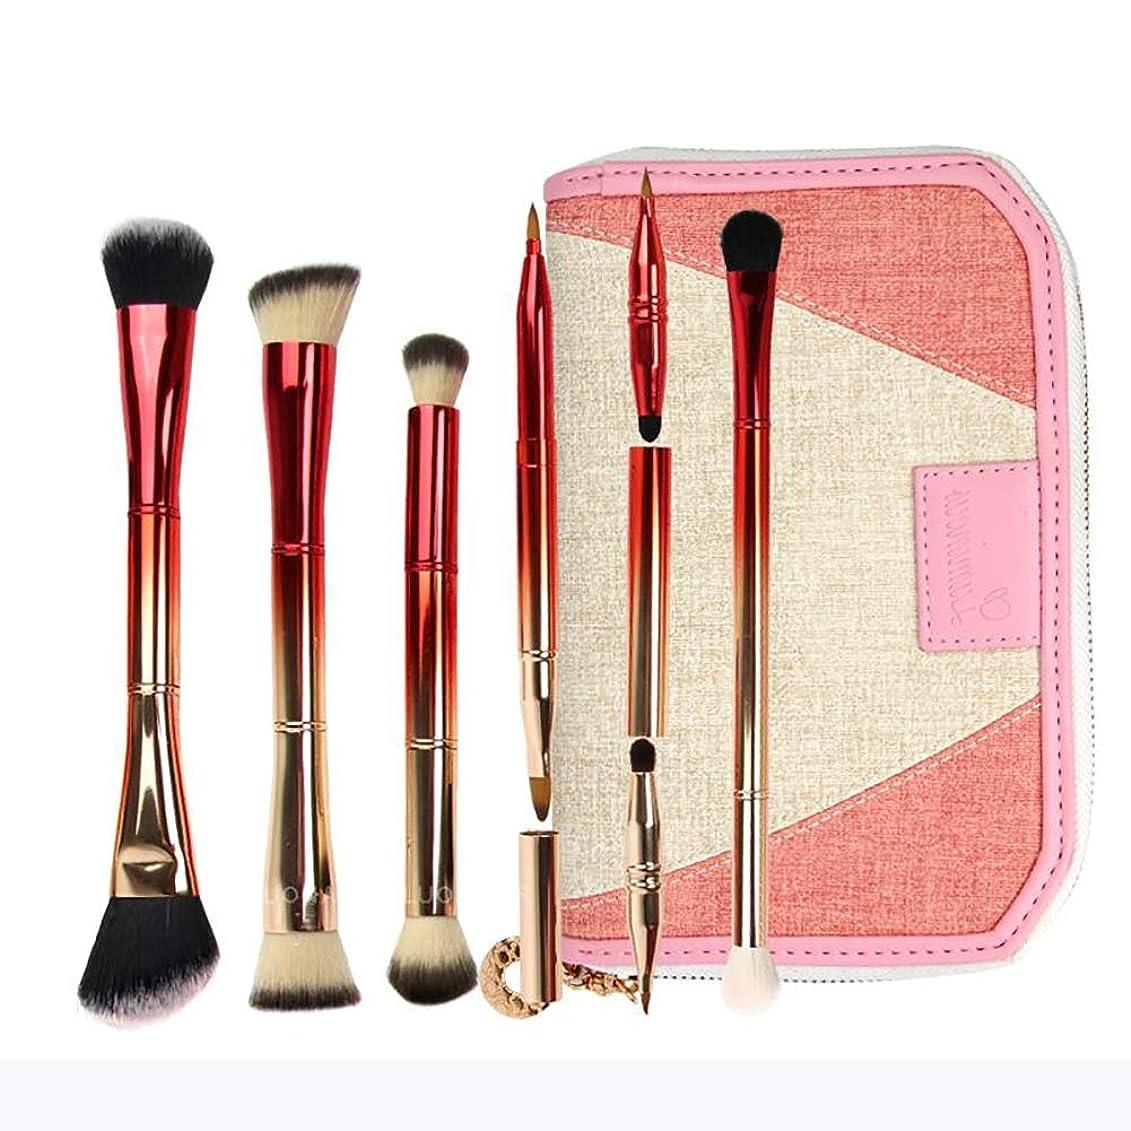 雄弁なスツール繕う14ダブルヘッド化粧ブラシセットプロフェッショナル化粧品美容ツールブラッシュブラシファンデーションブラシに送るパッケージ(グラデーションカラー)